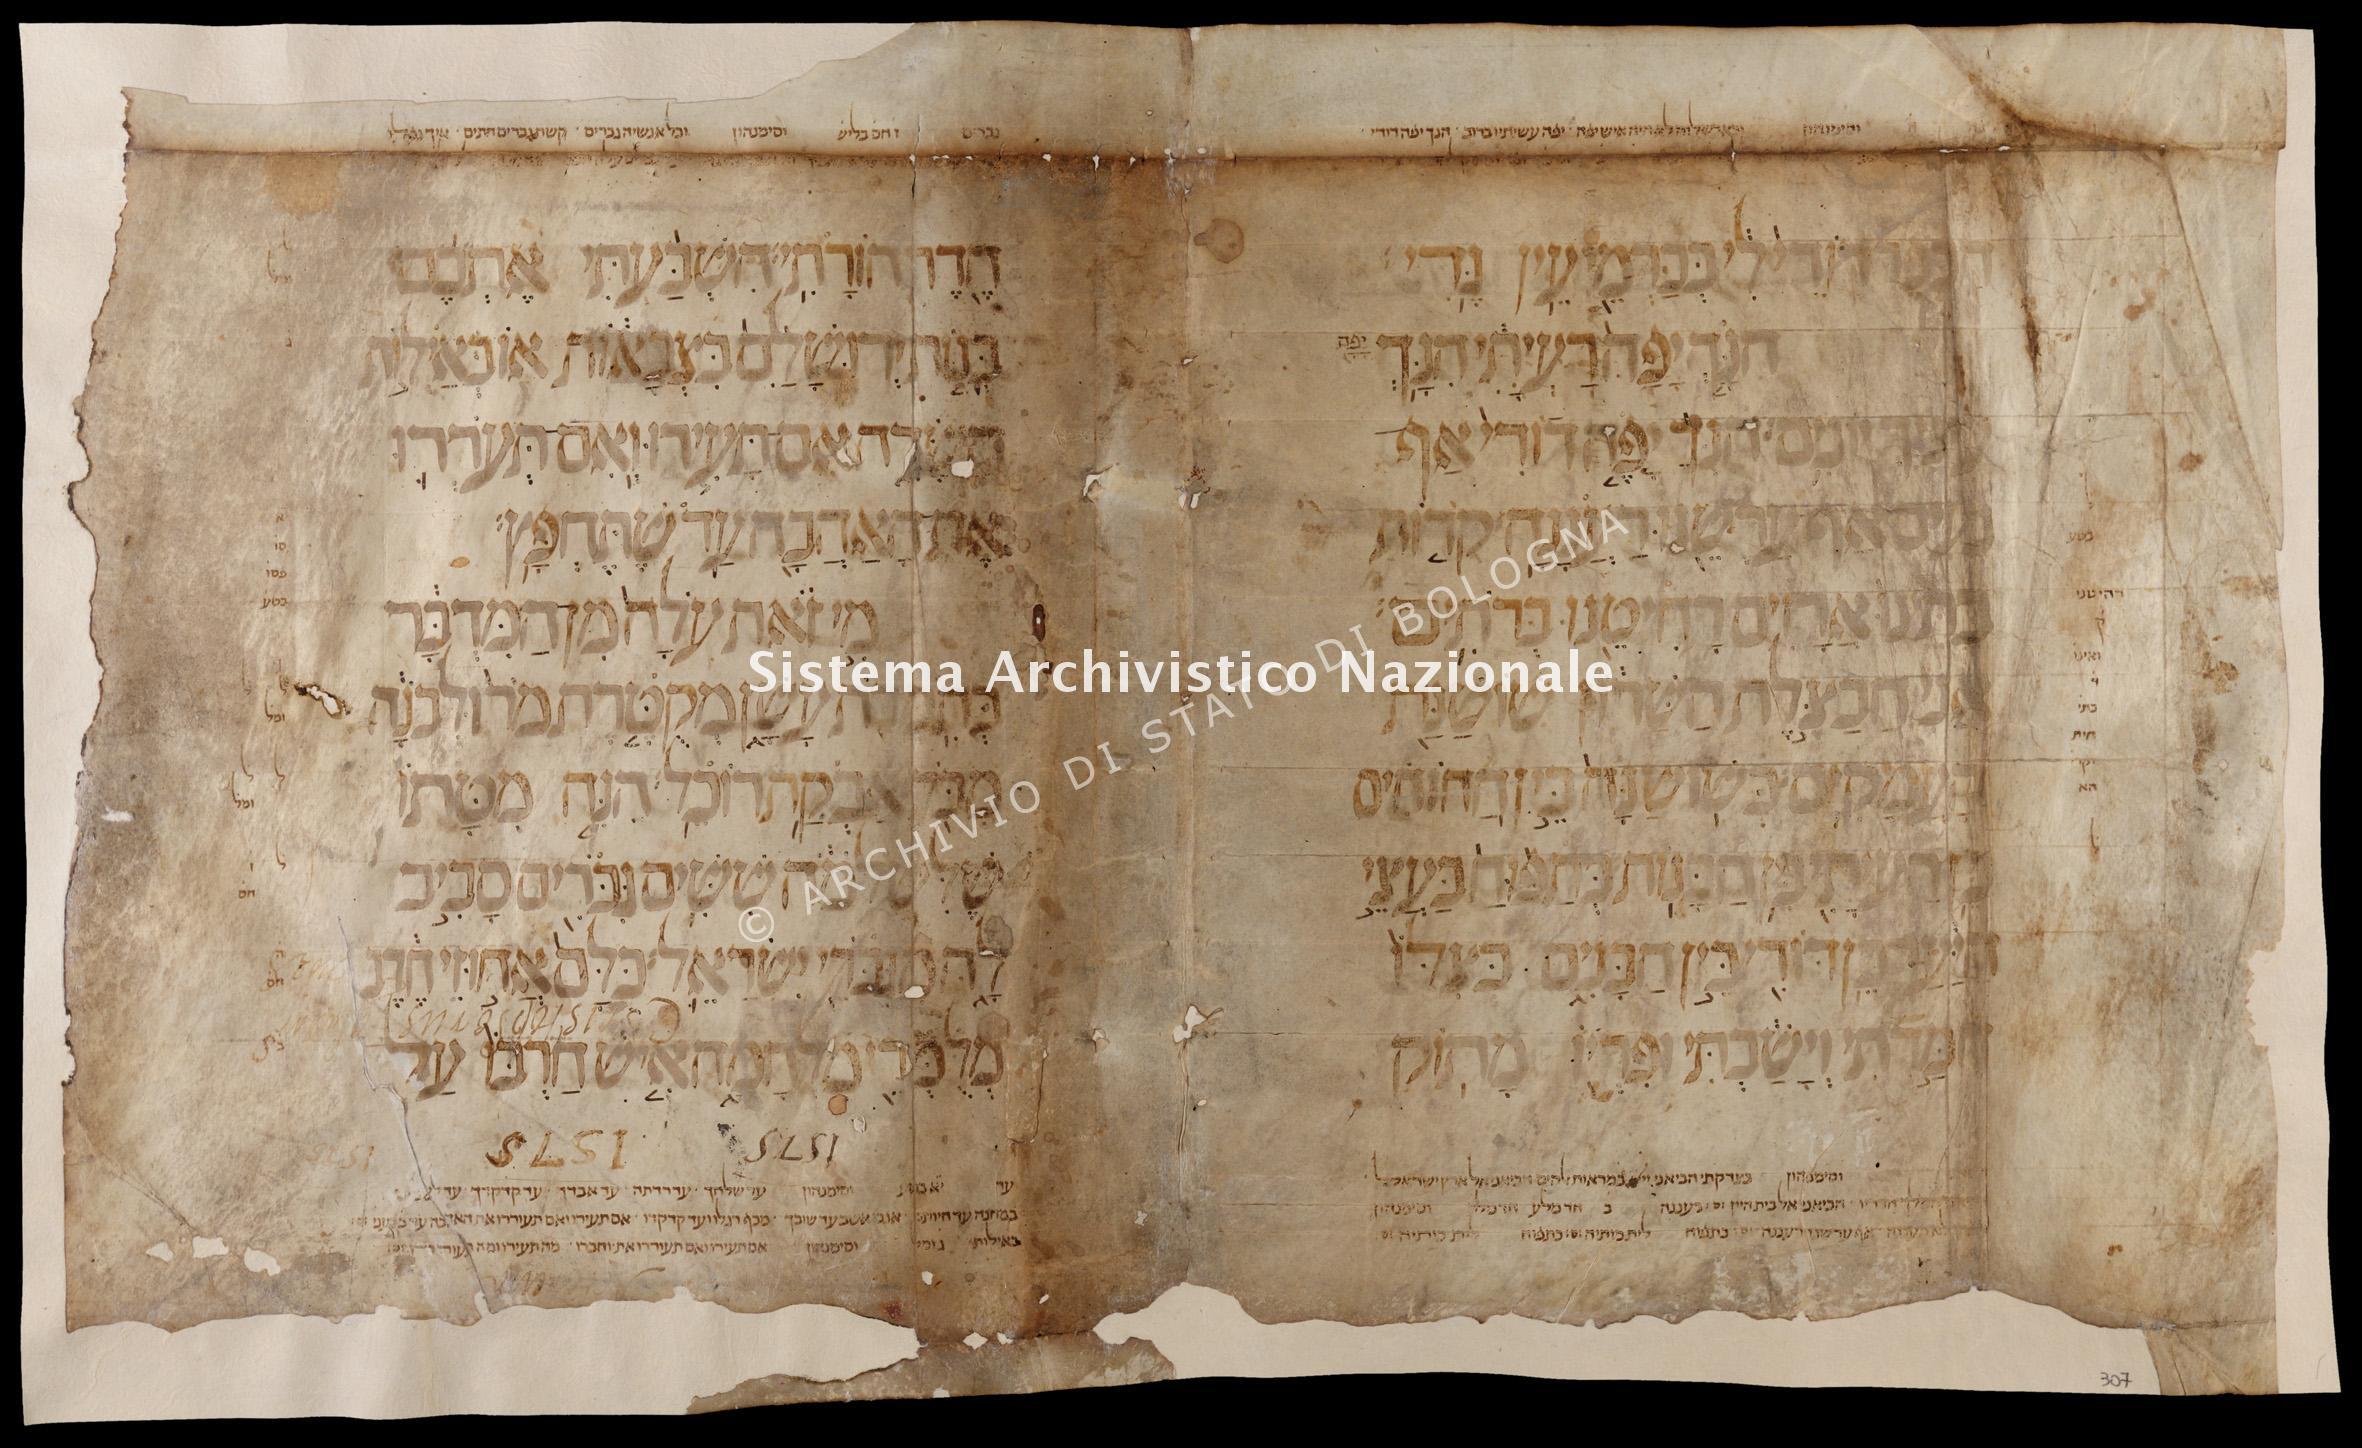 B.10.001, Archivio di Stato di Bologna, Frammenti di manoscritti, Frammenti di manoscritti ebraici, Frammento n. 307, recto